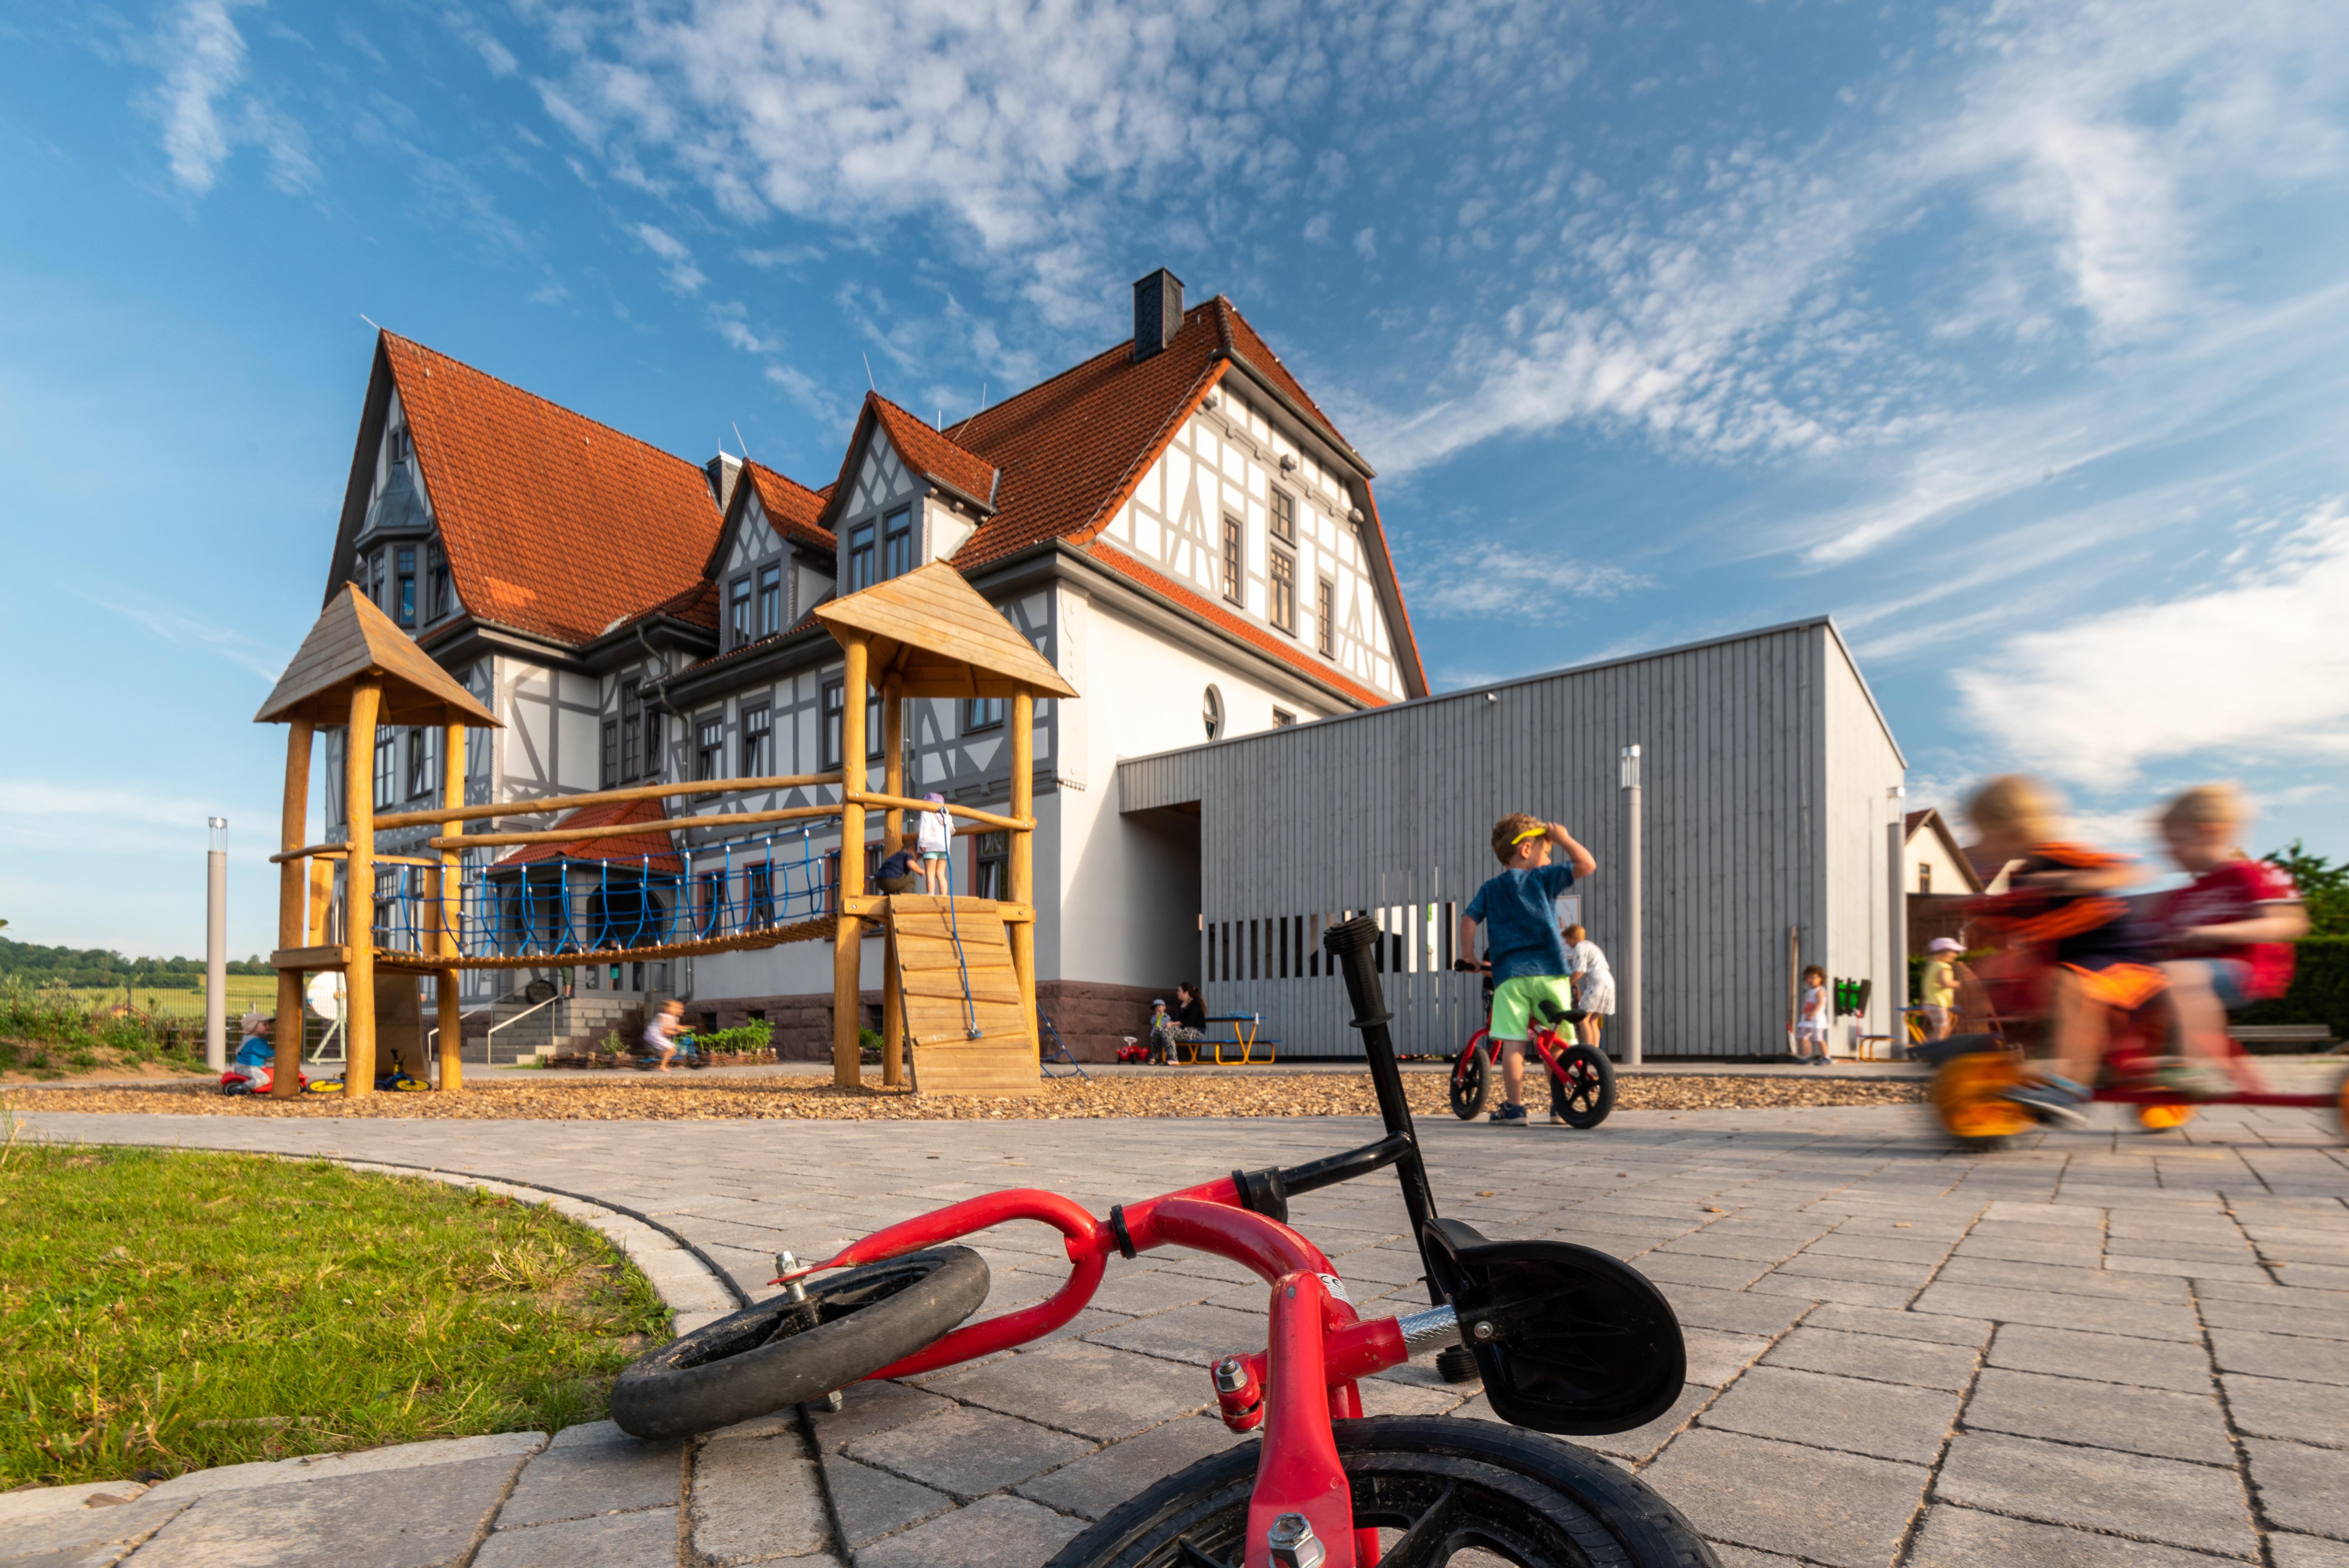 Das sanierte Kinderbildungszentrum, Quelle: Axel Bauer formplus